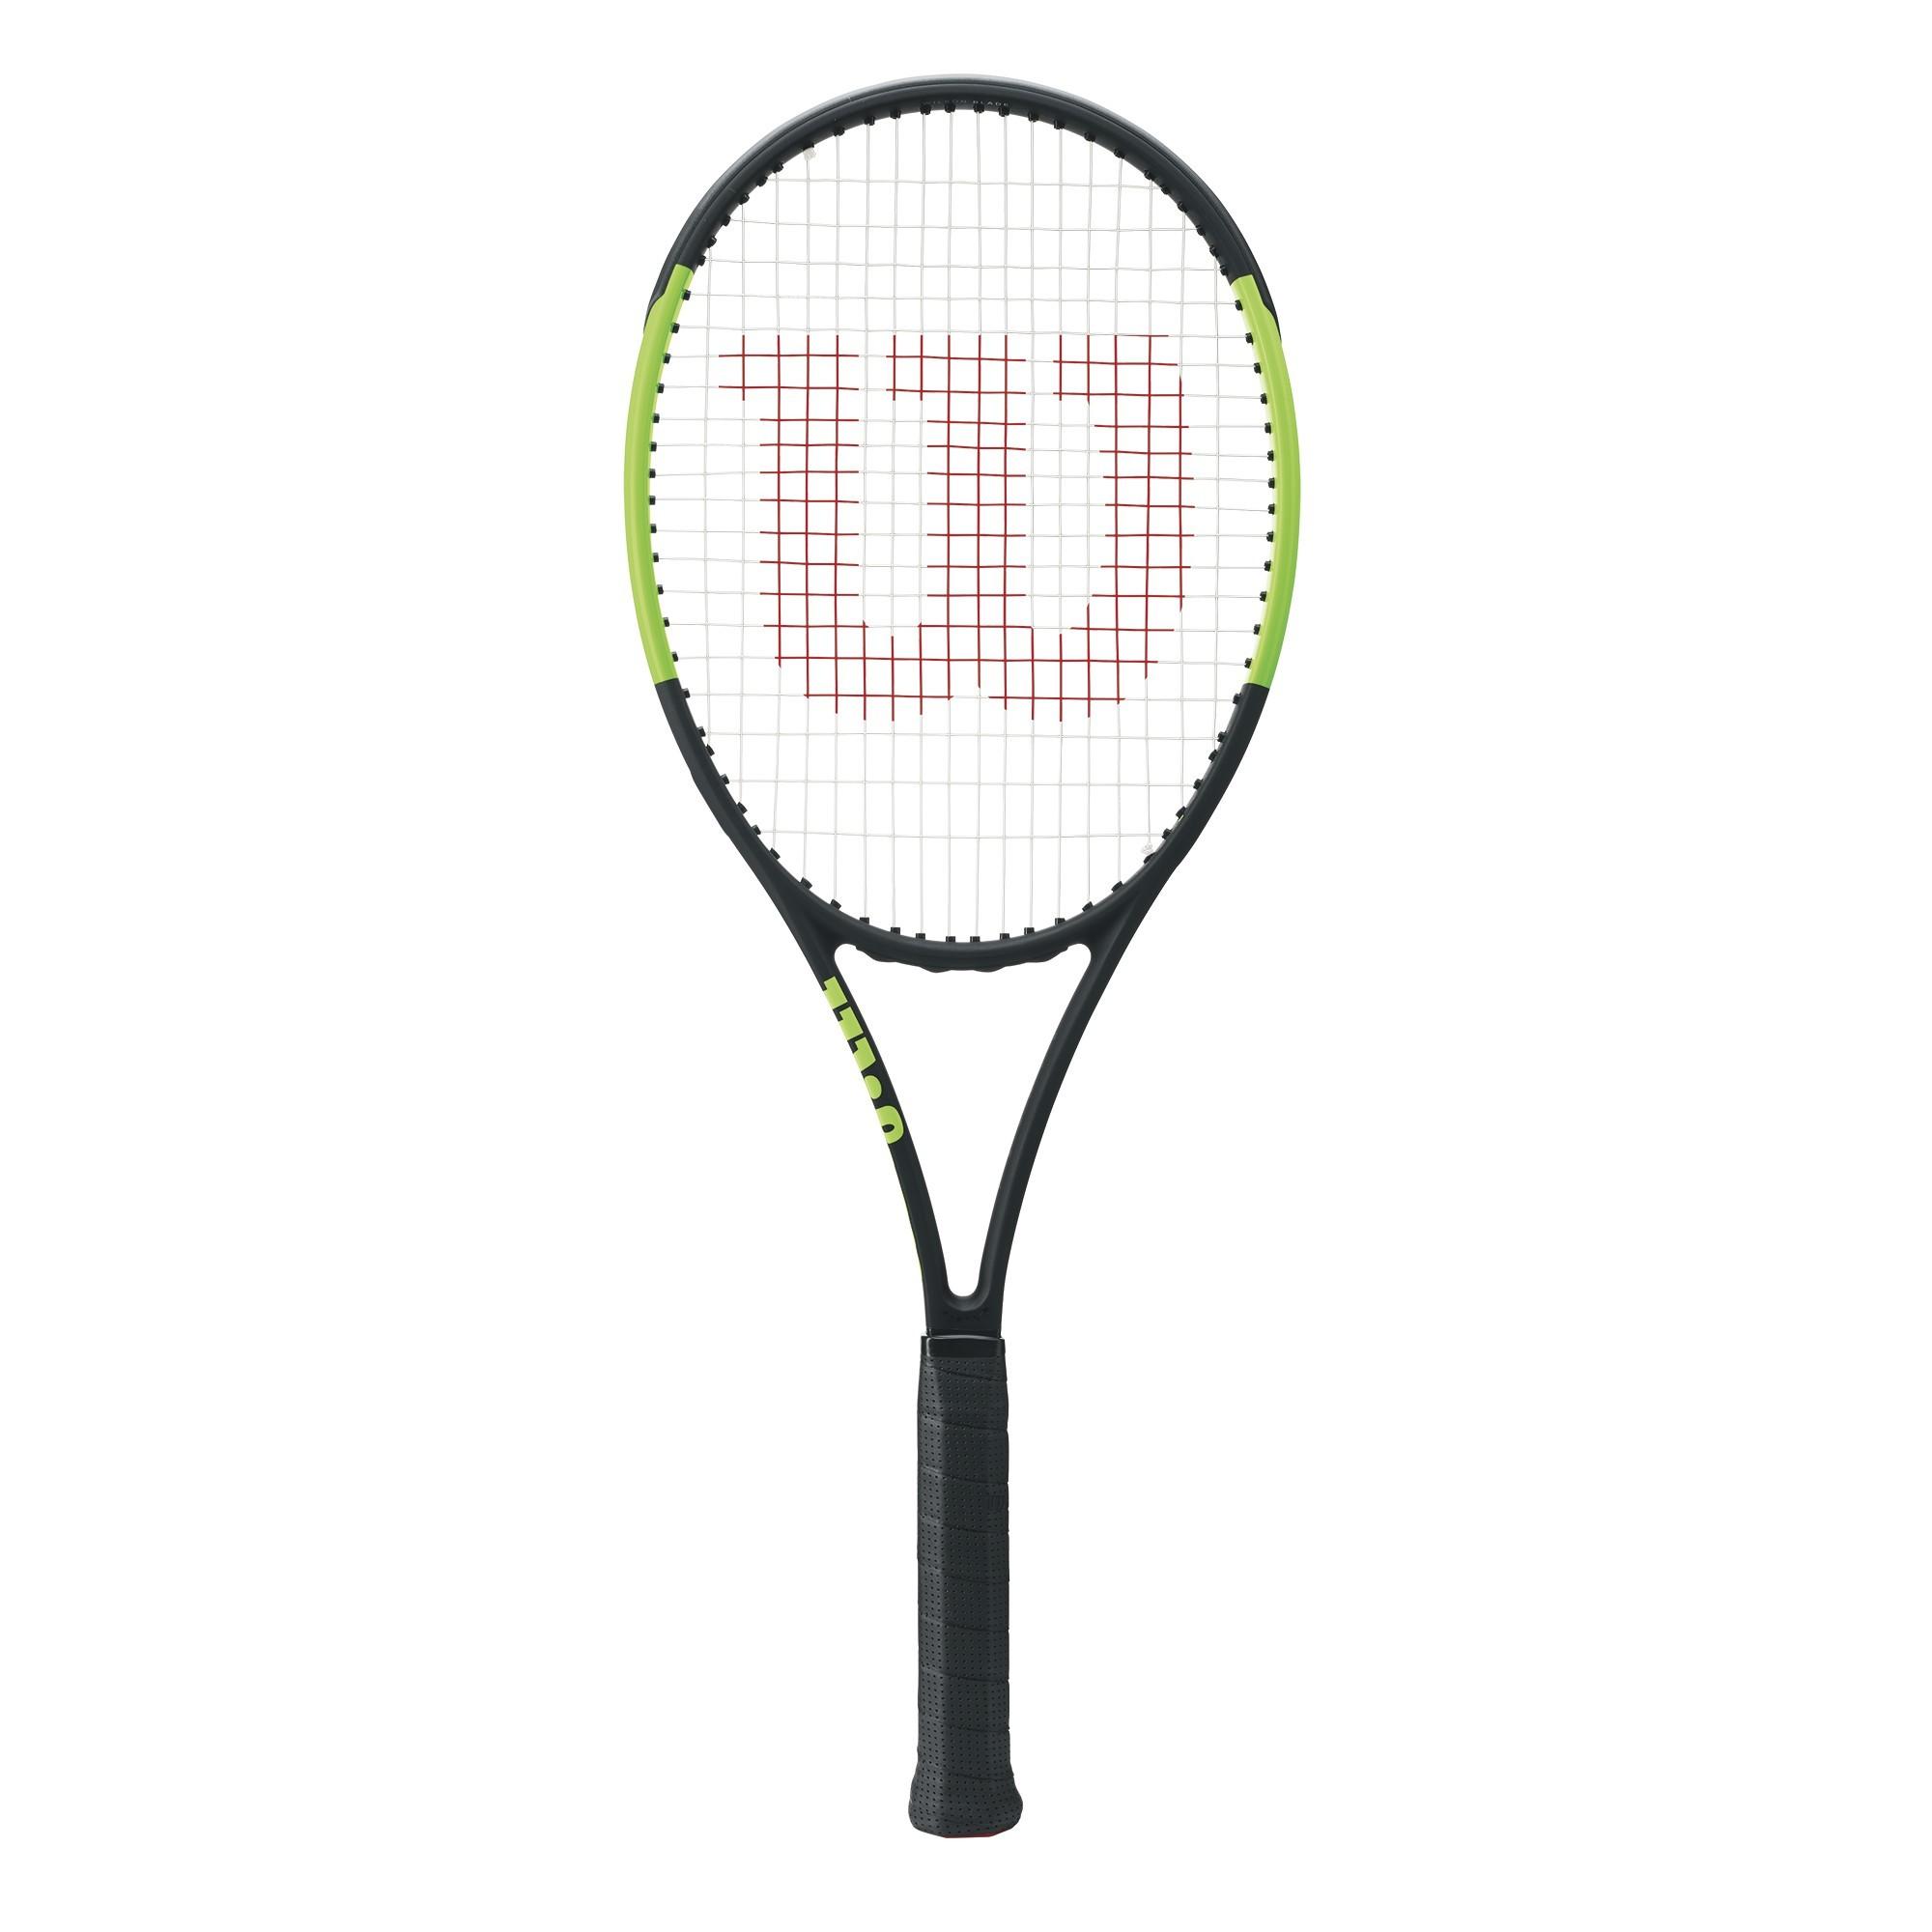 Rakieta tenisowa Wilson Blade 98 18x20 Countervail + naciąg Luxilon